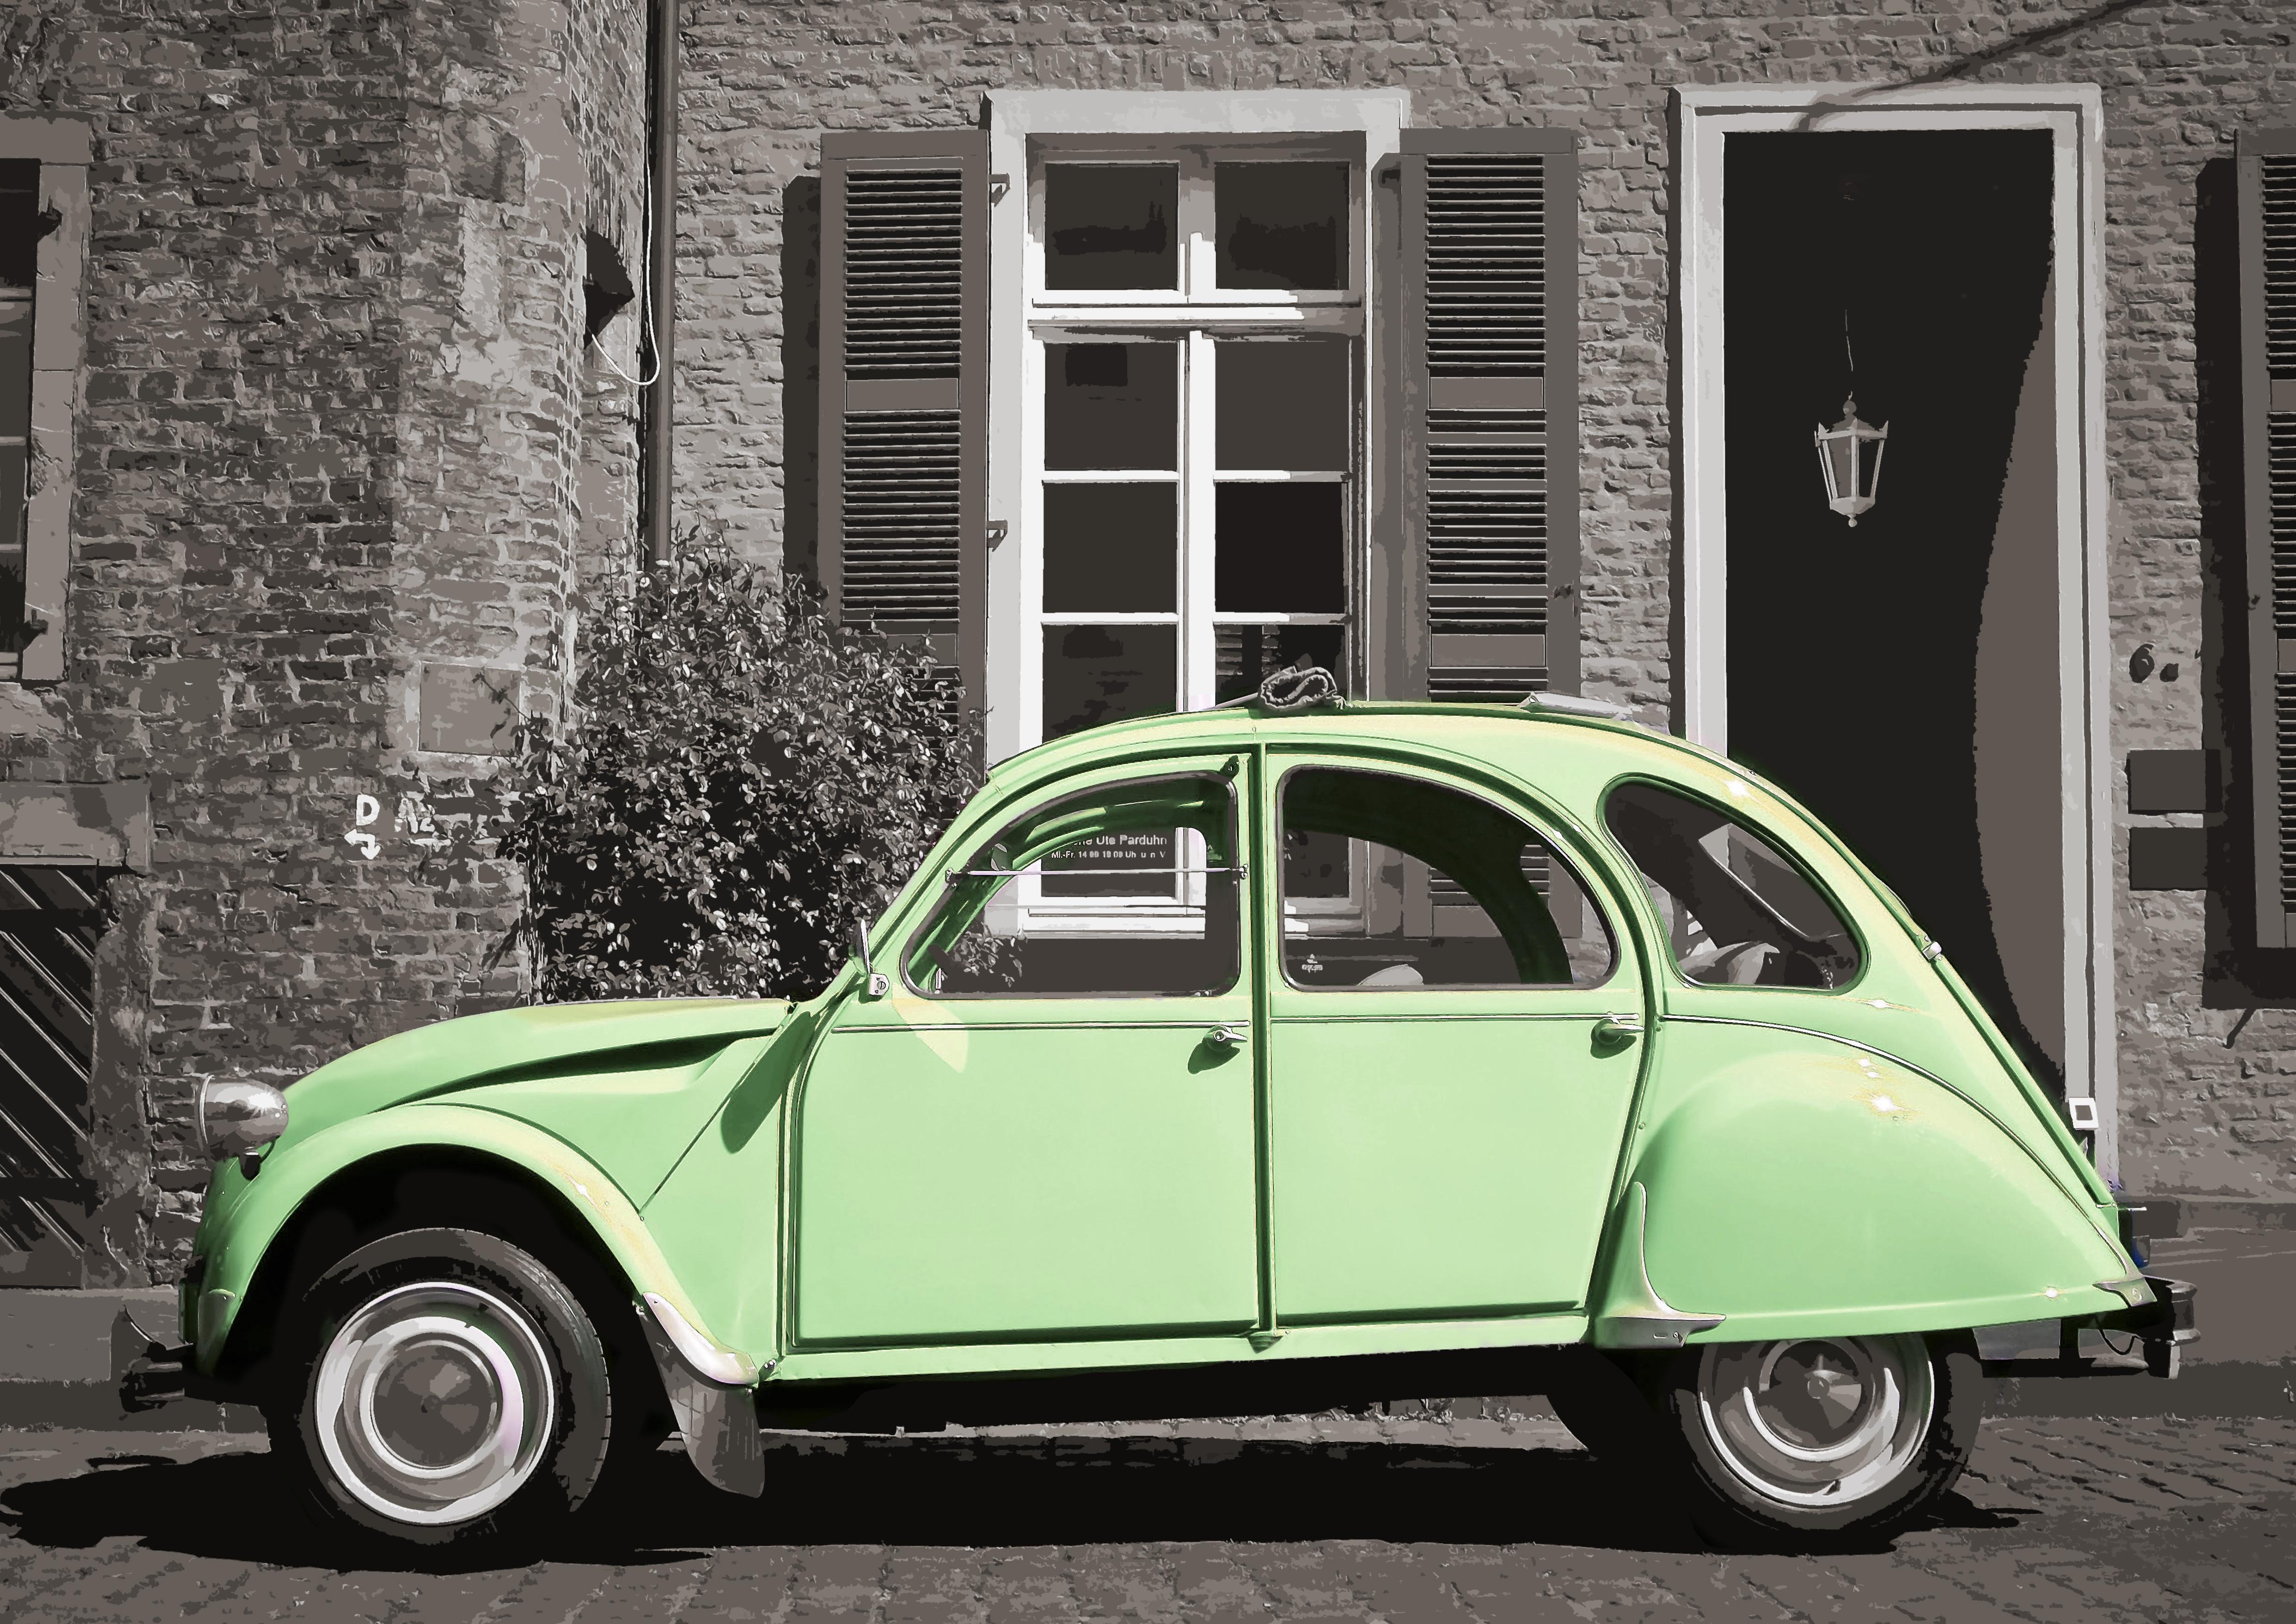 gratis afbeeldingen wijnoogst wiel auto retro oud vervoer vervoer frankrijk voertuig. Black Bedroom Furniture Sets. Home Design Ideas